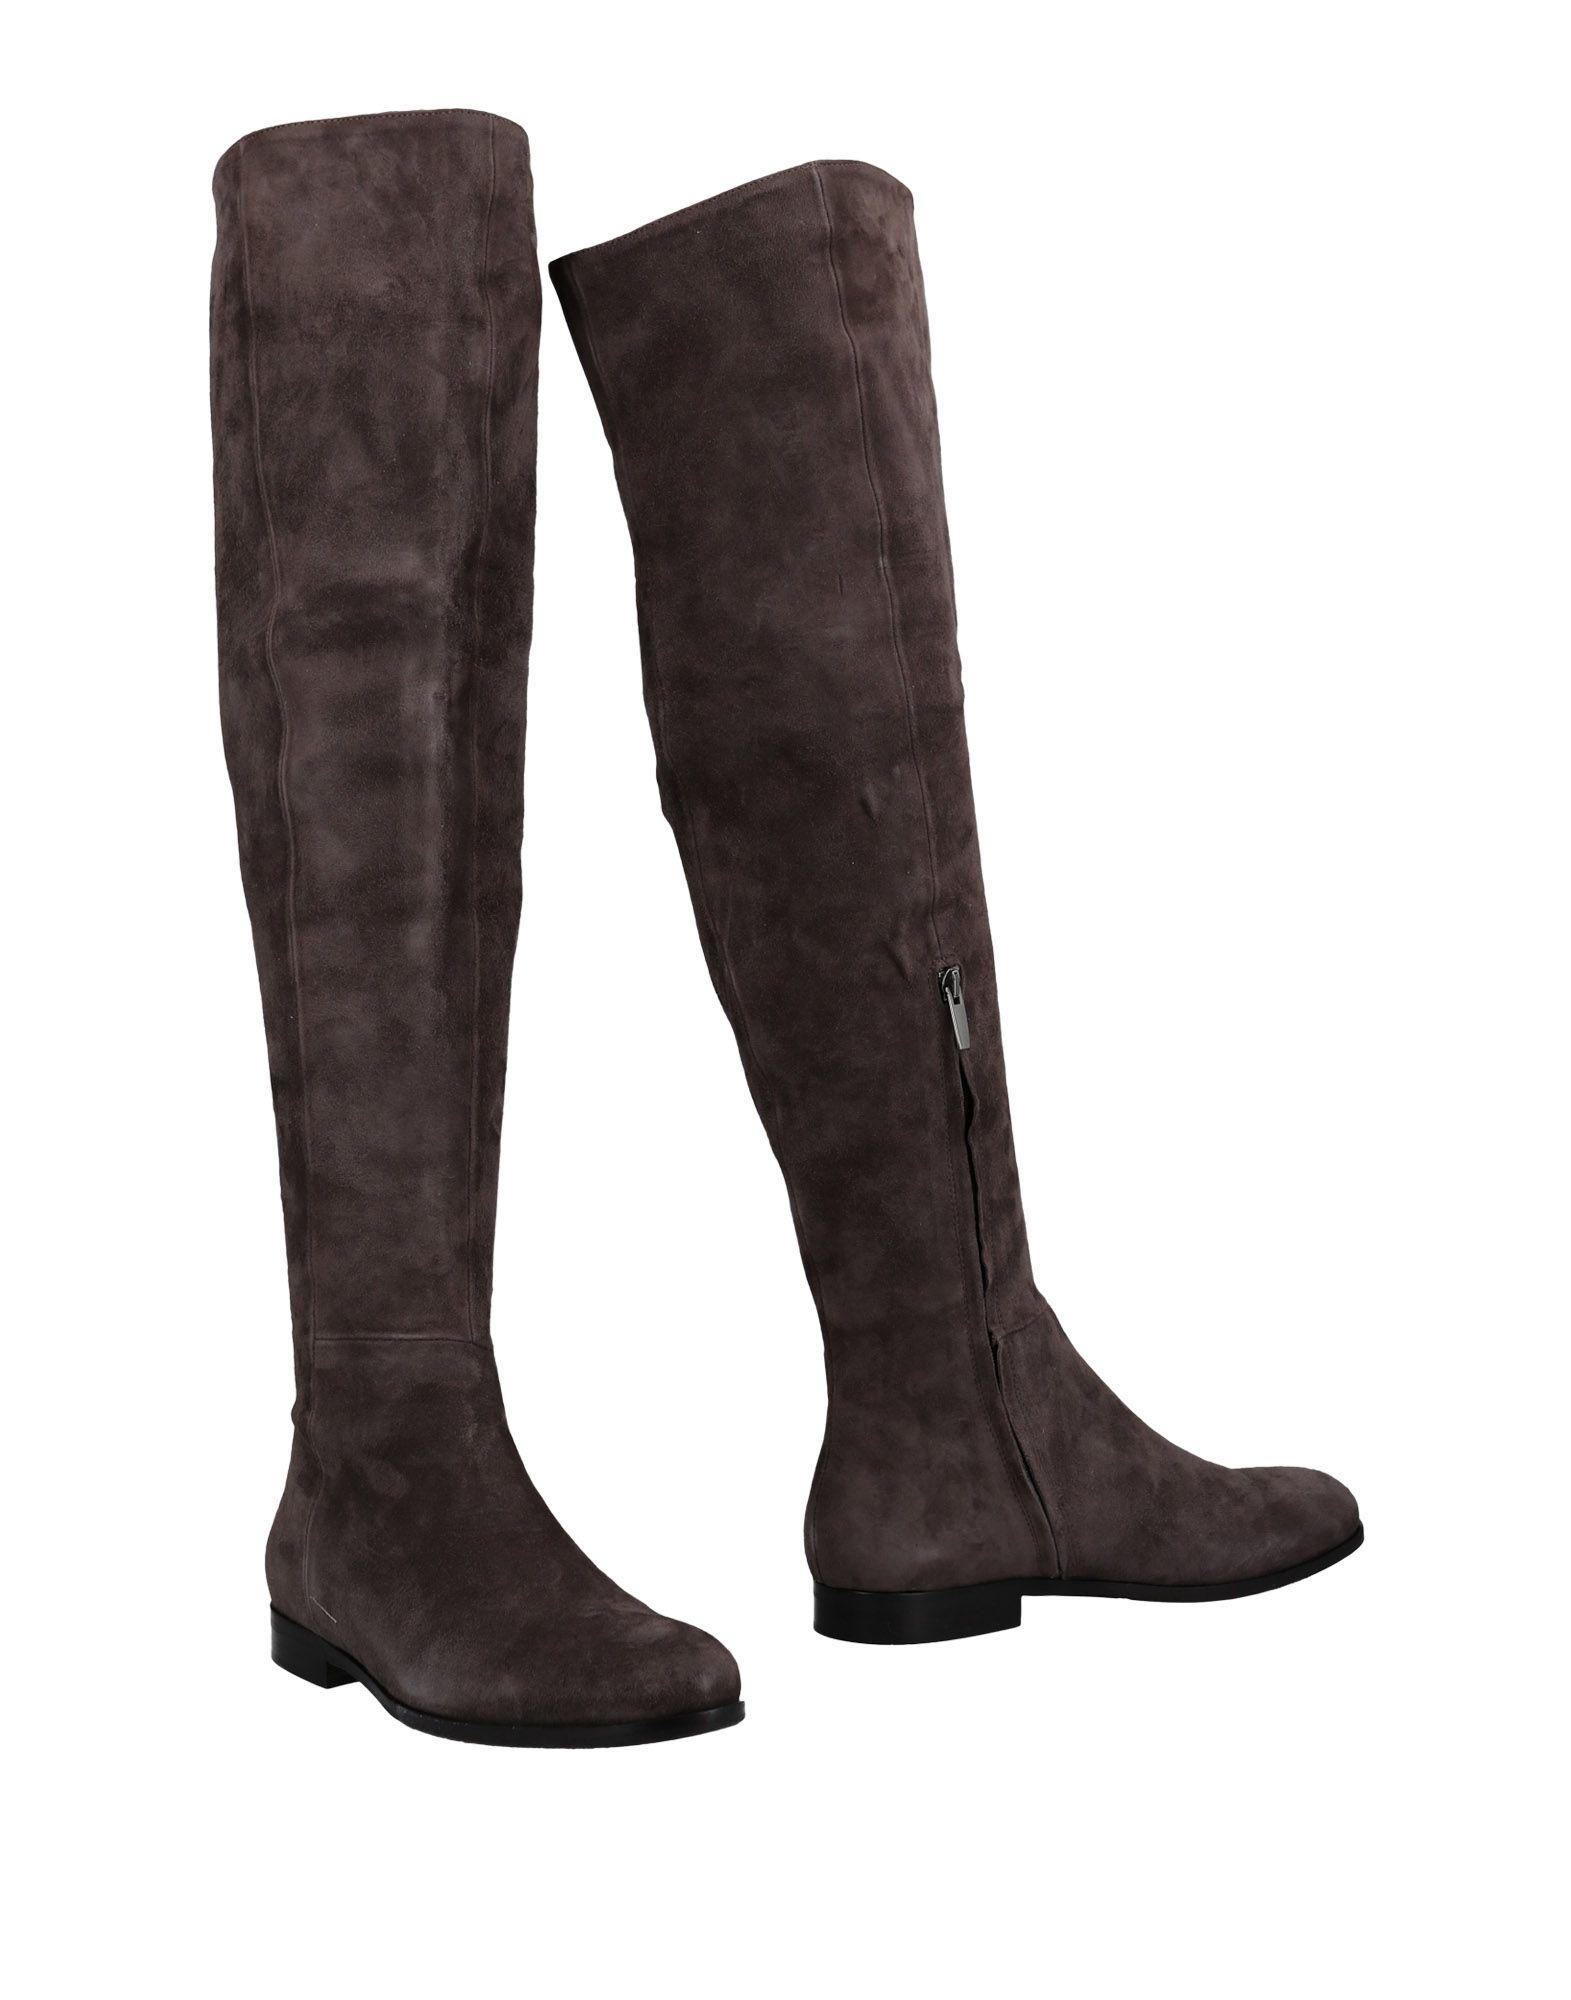 Pavin Stiefel Damen  11483393ERGut aussehende strapazierfähige Schuhe